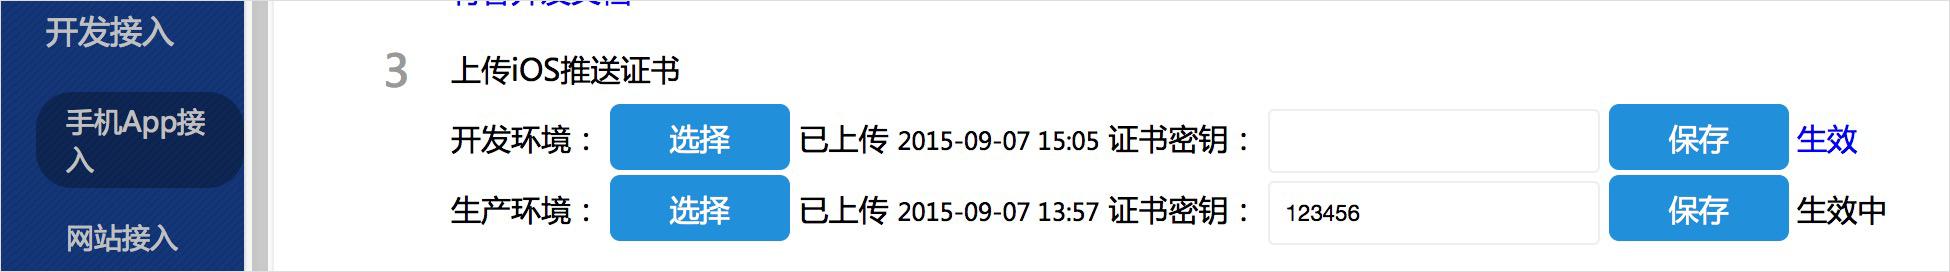 2015-07-15/55a62e23a1f08